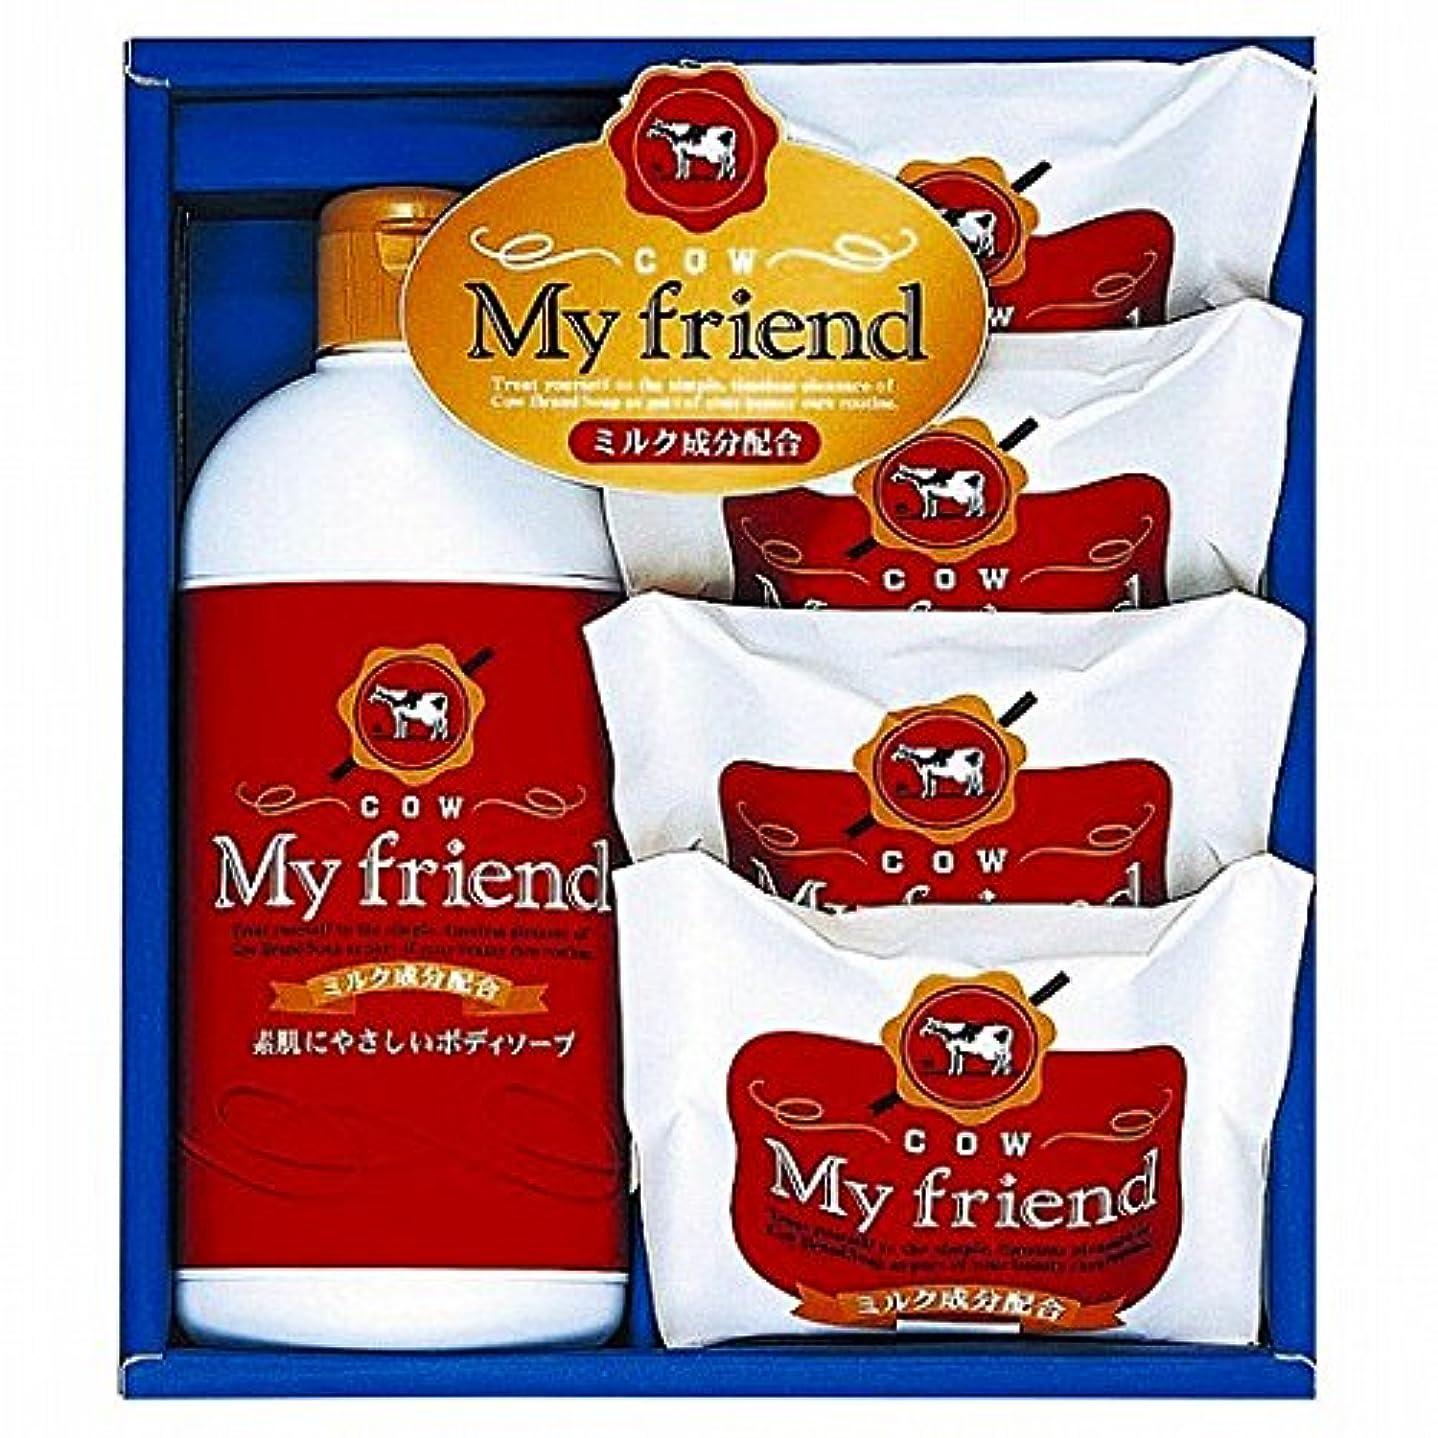 宙返りチャネル部族nobrand 牛乳石鹸 マイフレンドボディソープセット (21940007)